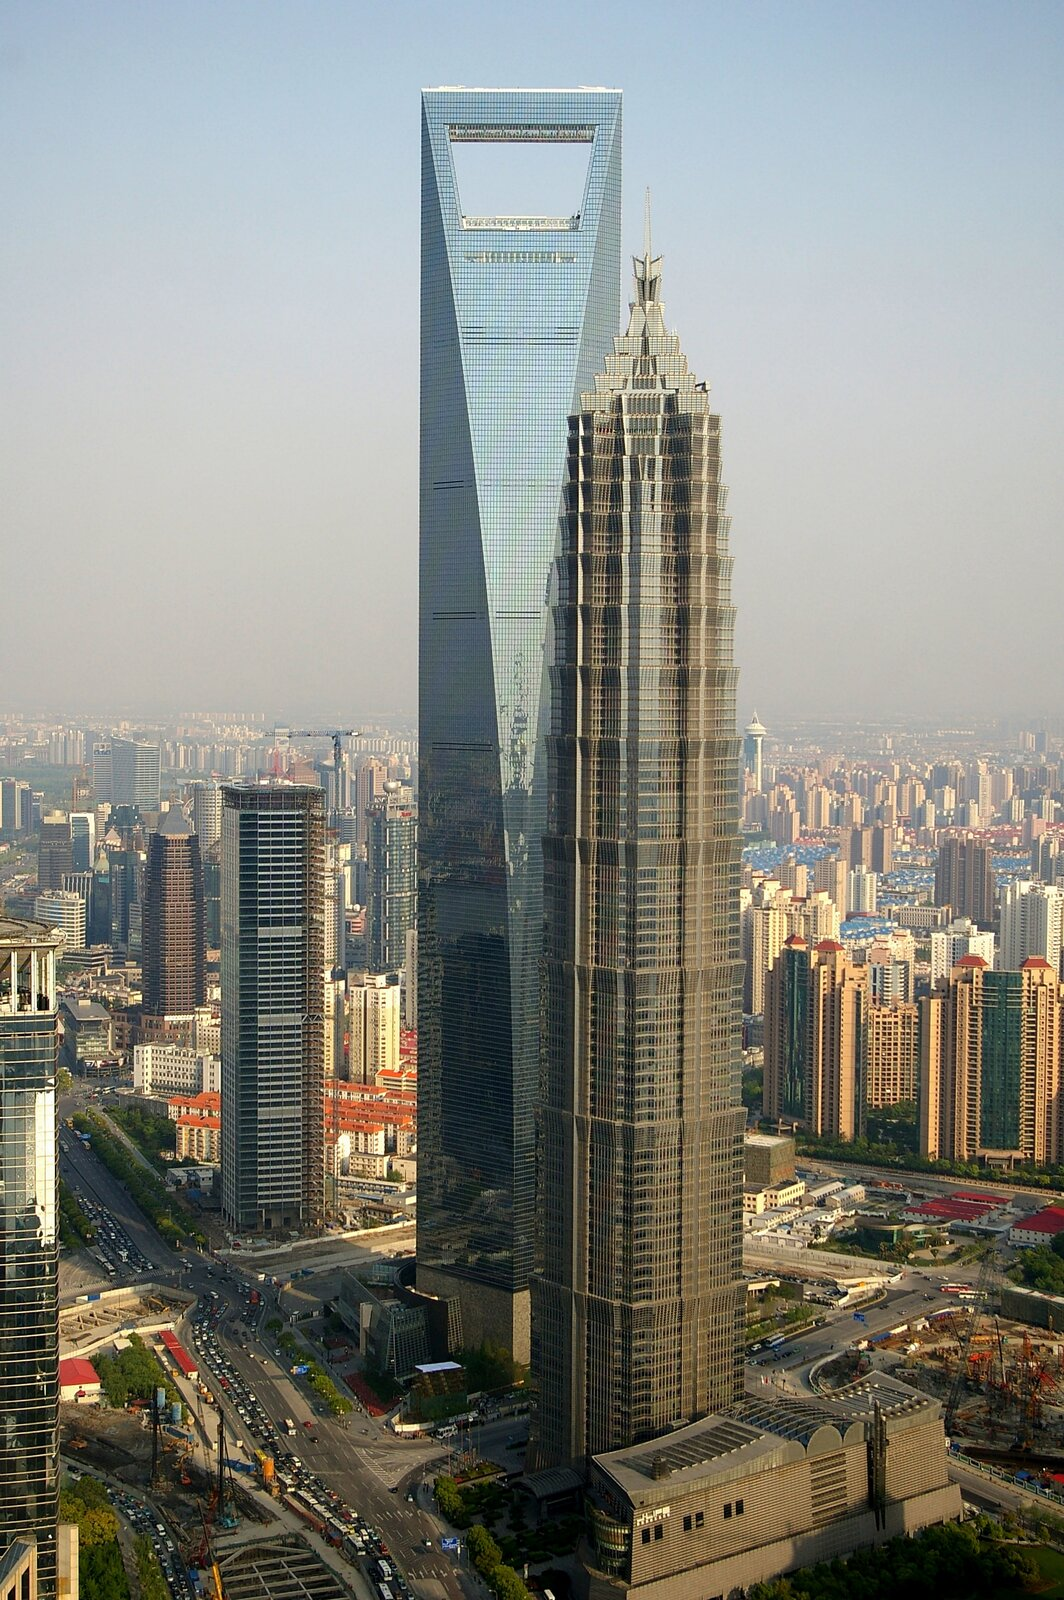 Zdjęcie przedstawia Światowe Centrum Finansowe wSzanghaju, niemal 500 metrową szklaną wieżę zwieńczoną otworem wkształcie trapezu oszerokości 50 metrów. Tuż przed nim silnie kontrastujący nieco niższy wieżowiec Jin Mao Tower zelewacją łączącą szkło istal, przez co na tle niebieskiego szklanego wieżowca wydaje się brązowy.